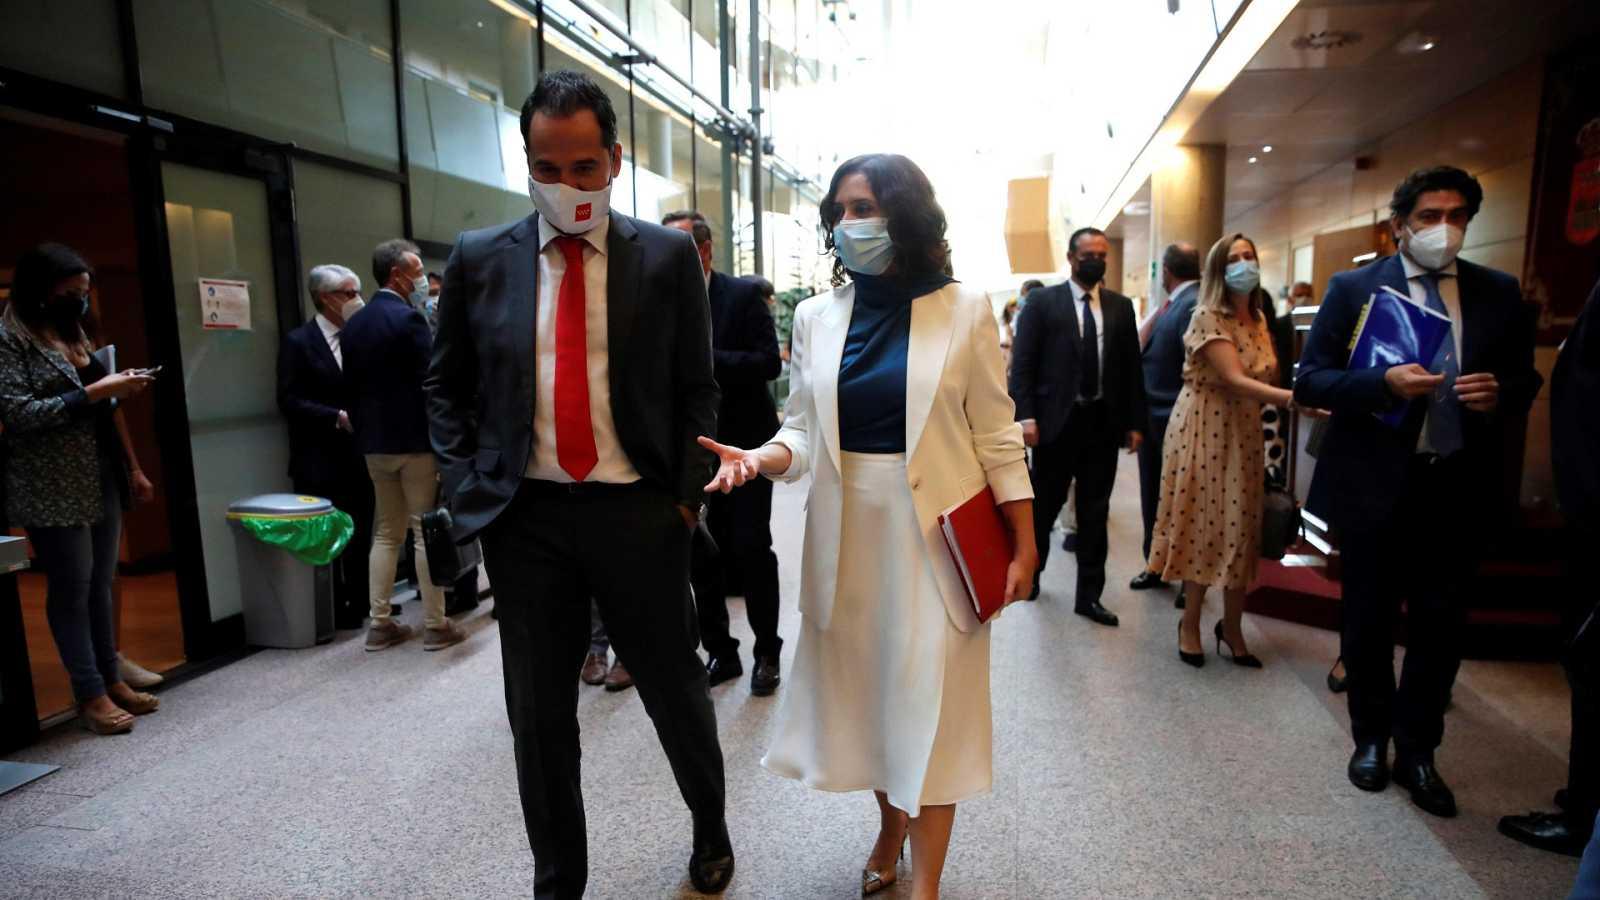 Malestar en el Gobierno de Ayuso tras el anuncio de los confinamientos selectivos